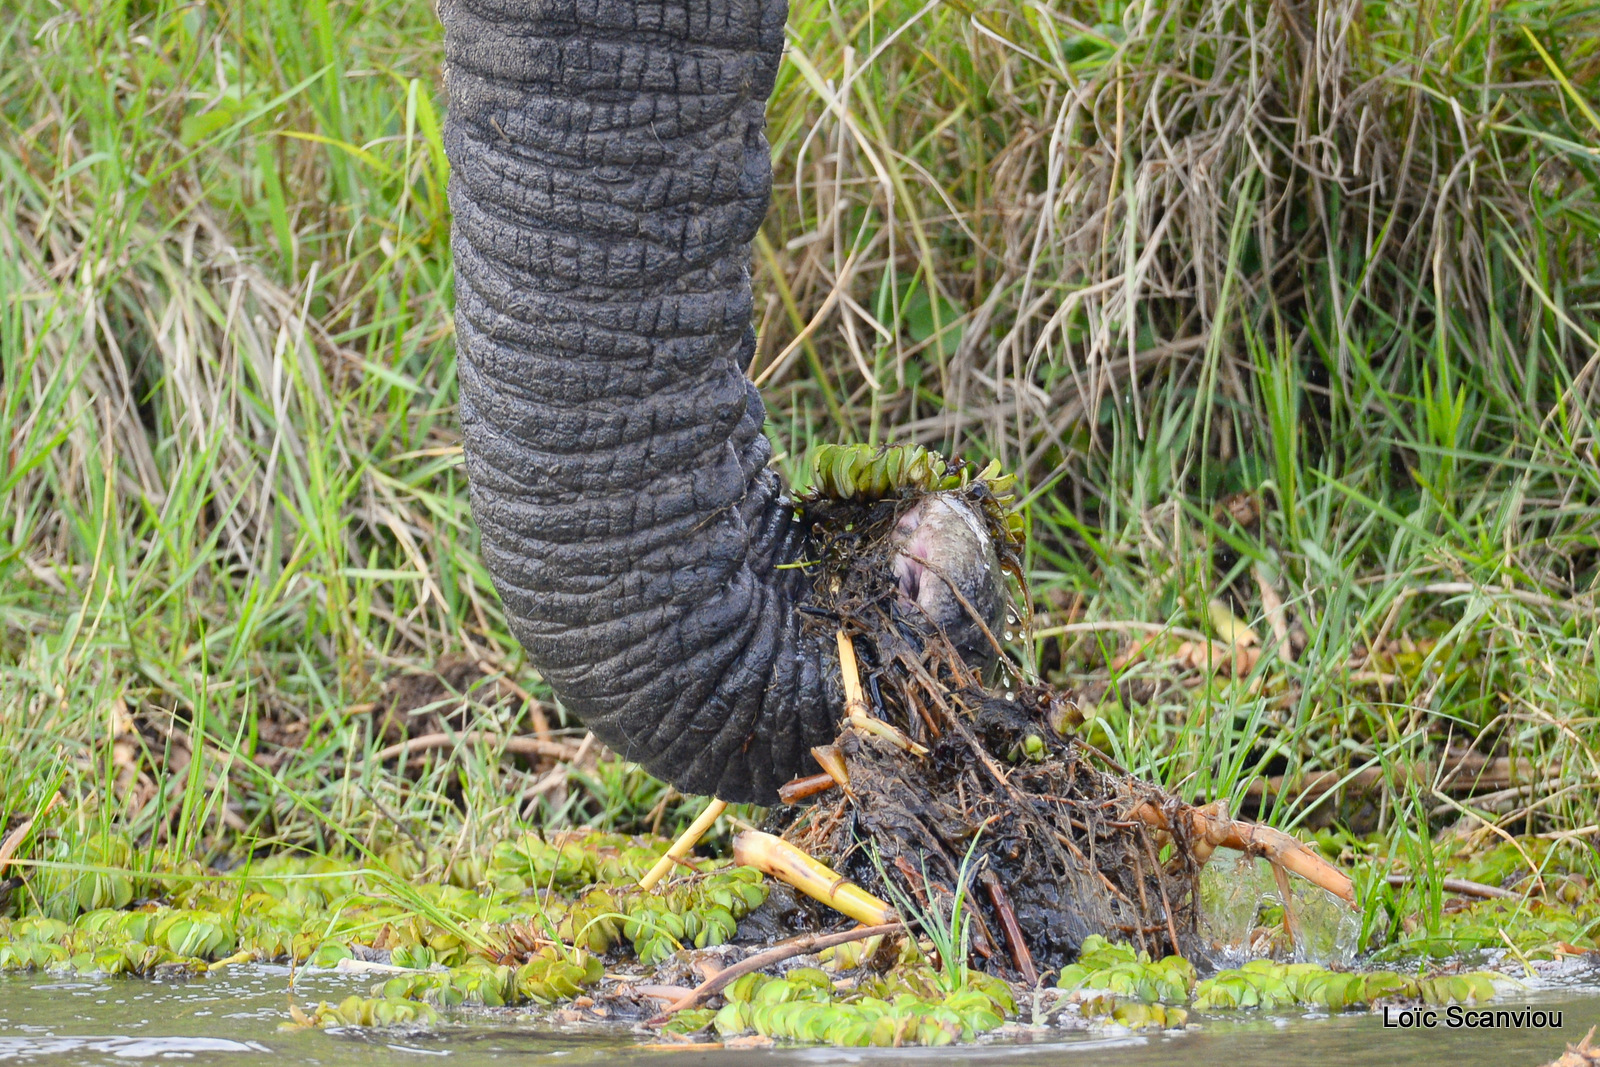 Éléphant de savane d'Afrique/Savanna Elephant (21)